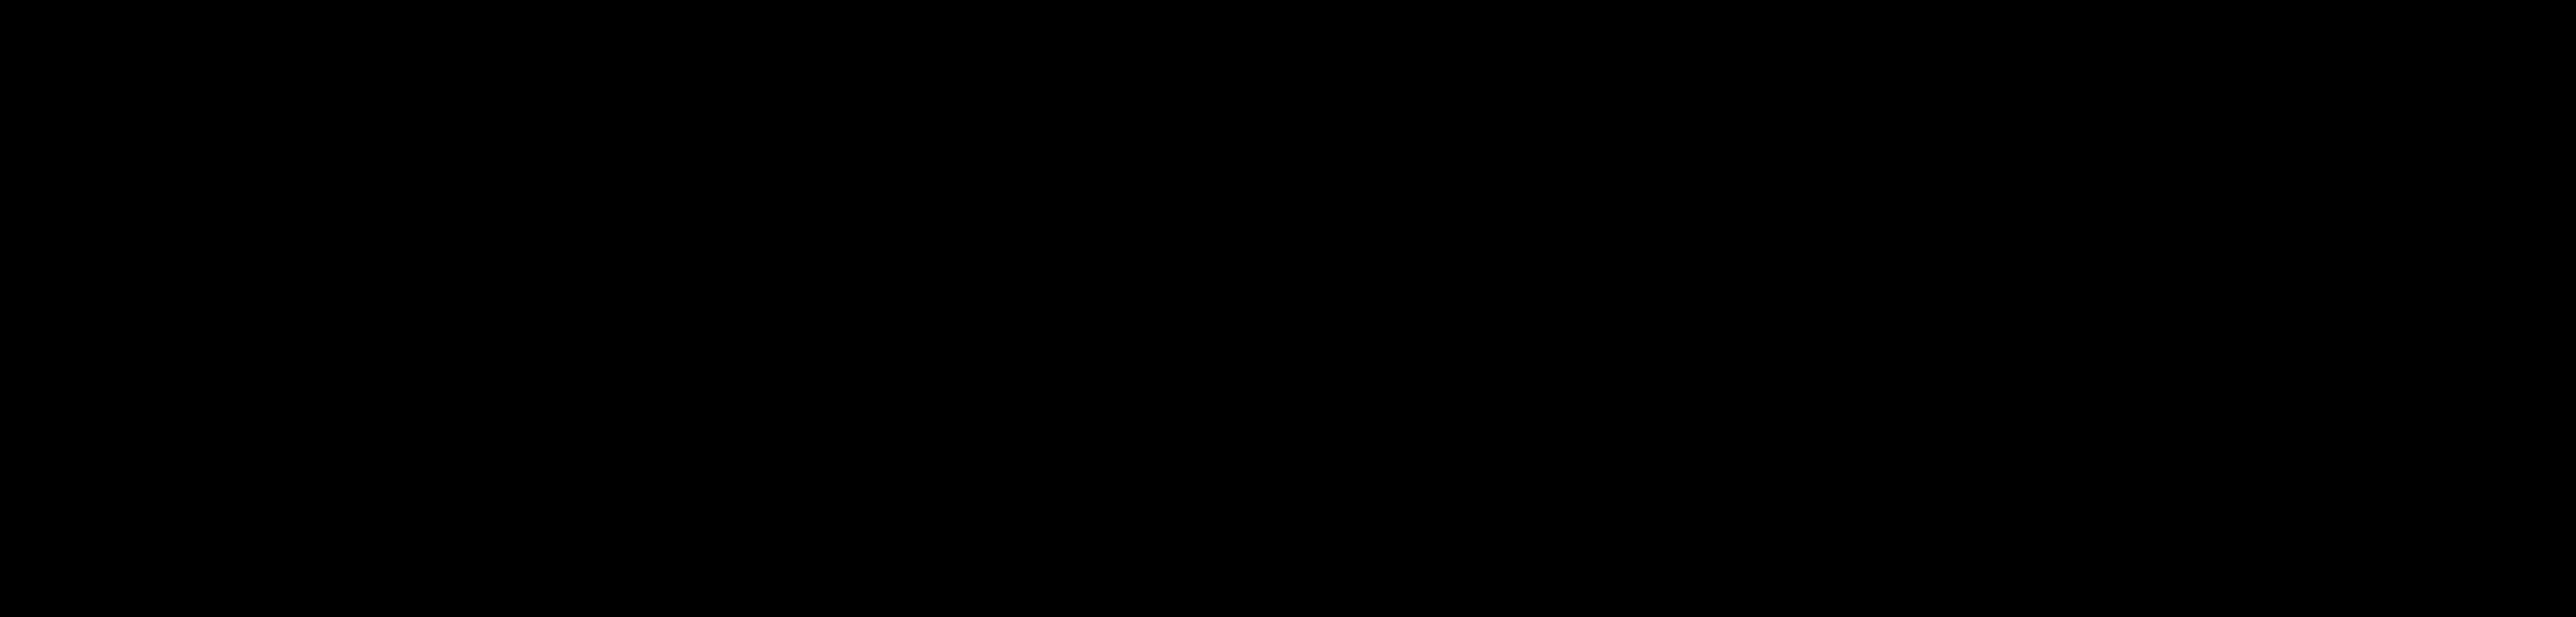 andreebyunit